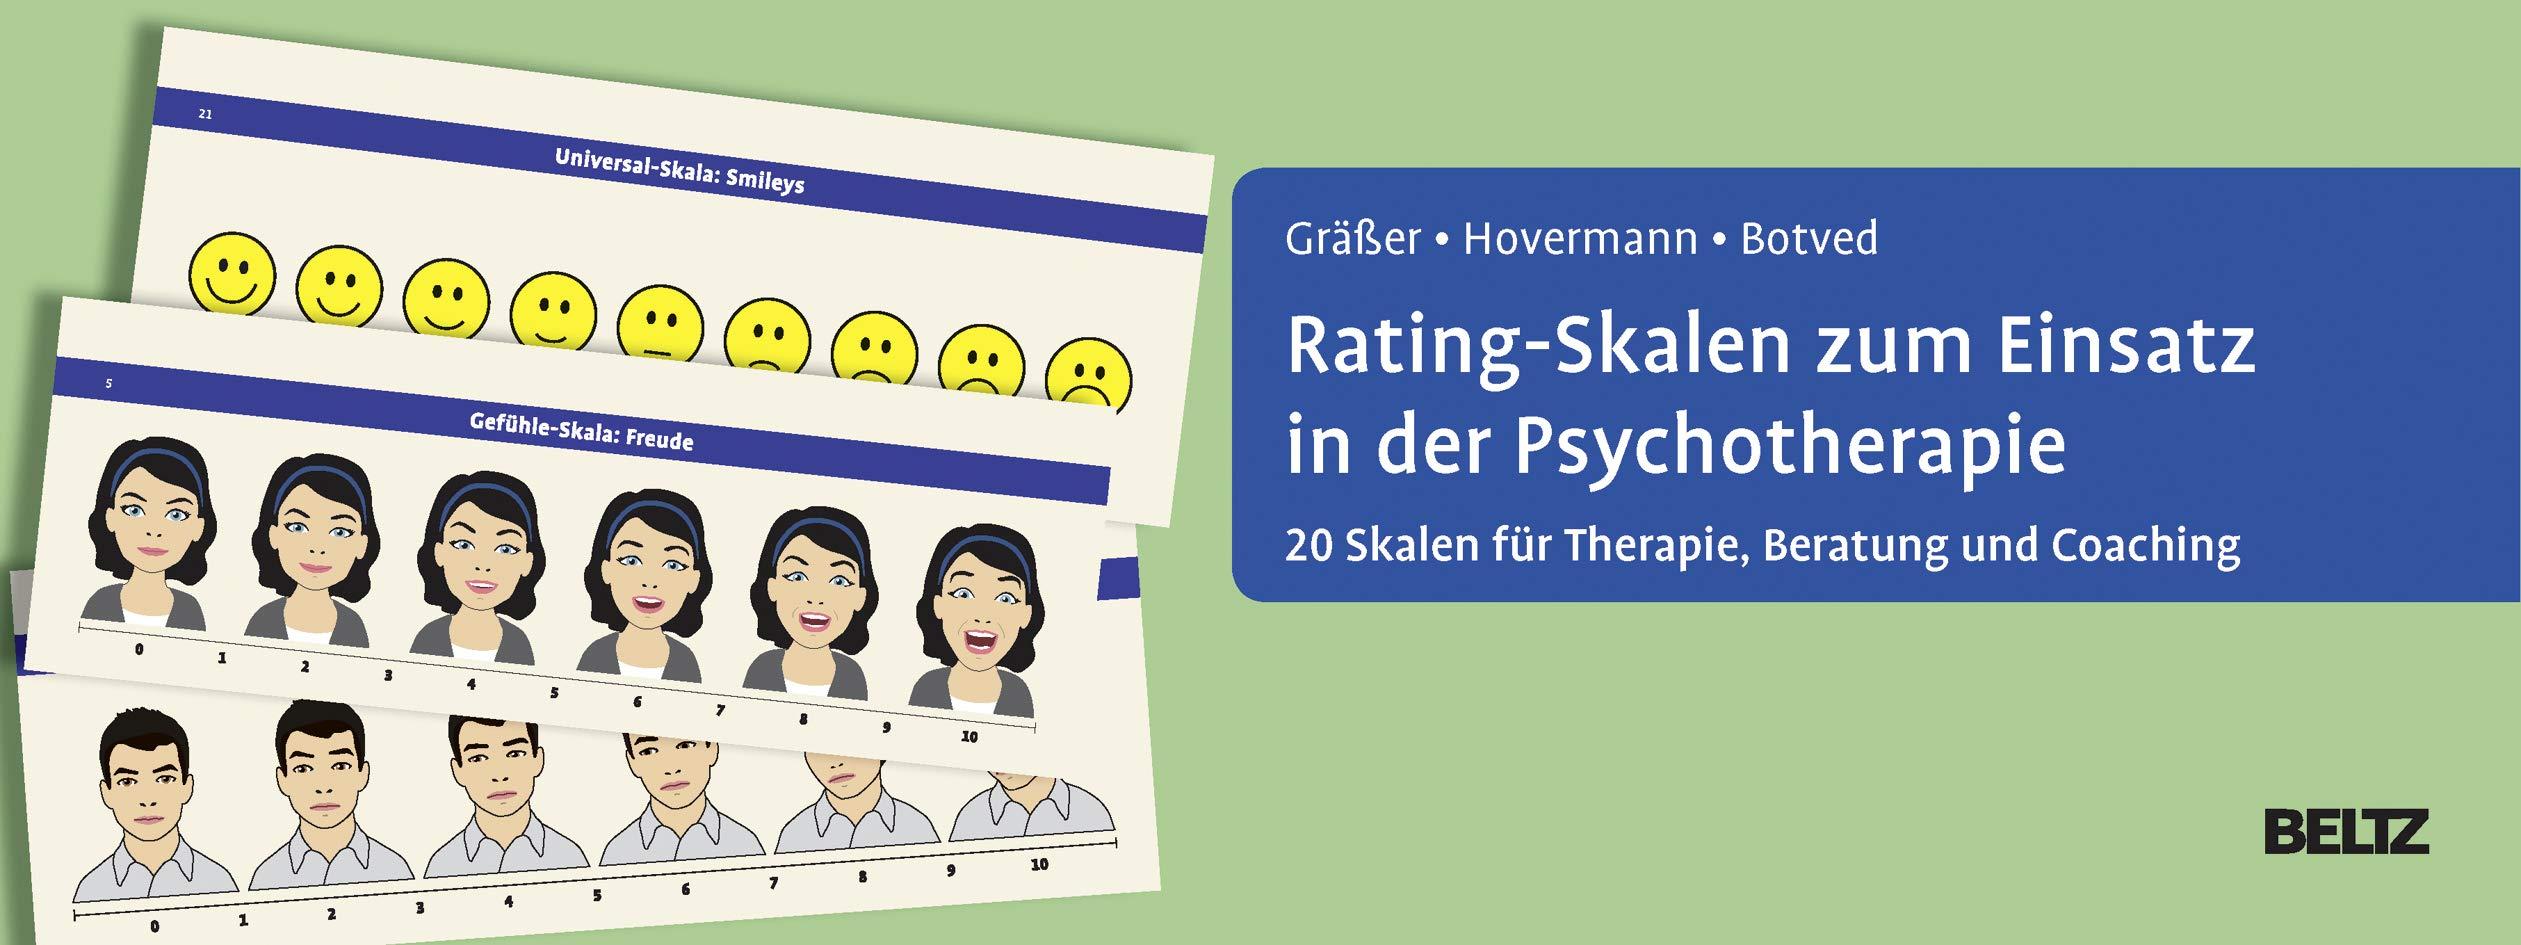 Rating-Skalen zum Einsatz in der Psychotherapie: 20 Skalen für Therapie, Beratung und Coaching